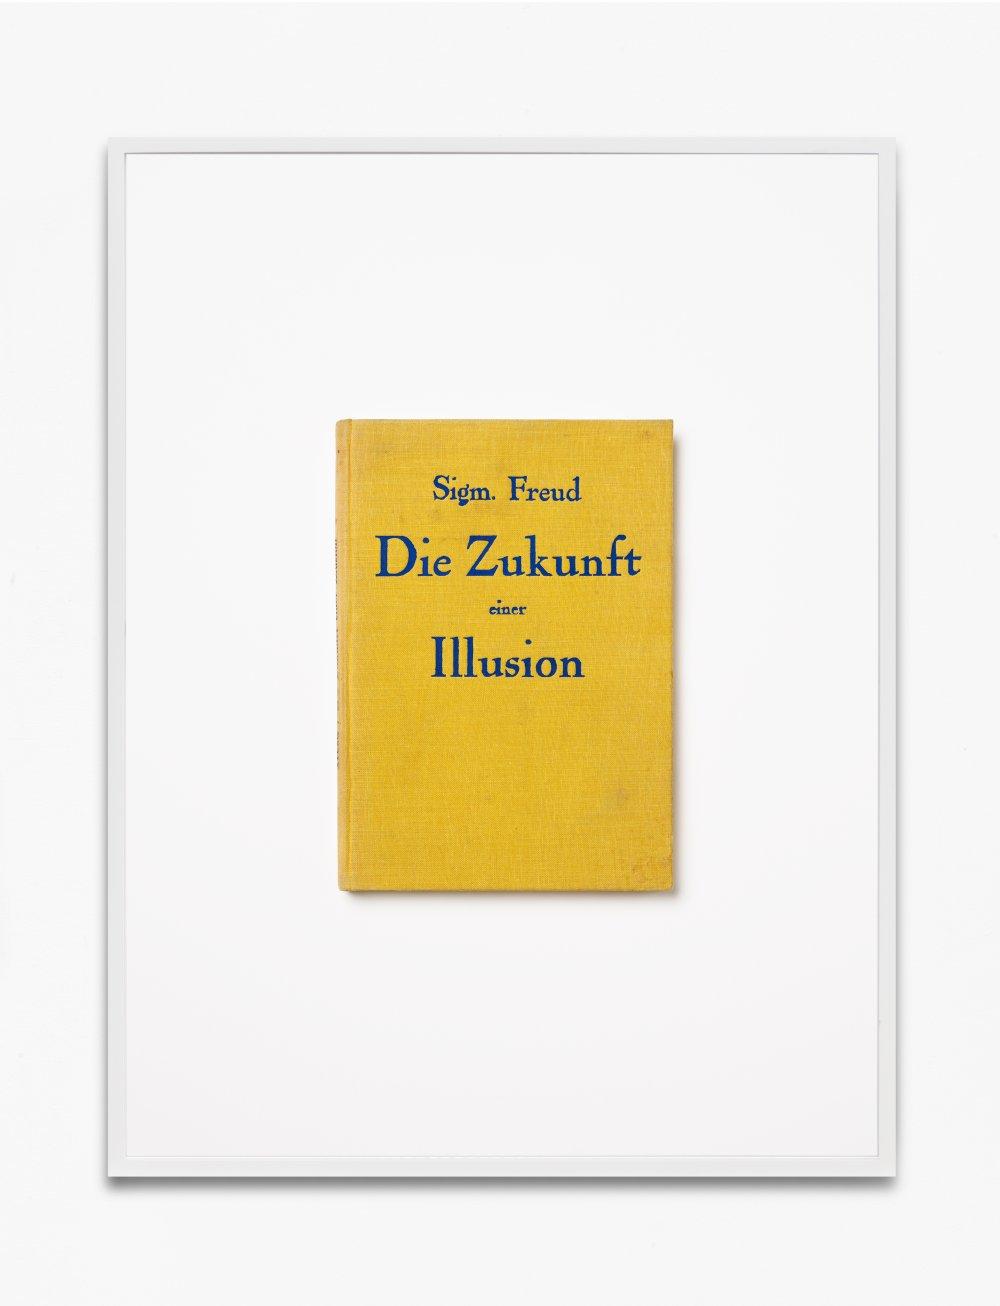 Sigmund Freud, Die Zukunft einer Illusion, 1927, 1.-50. Tausend, Internationaler Psychoanalytischer Verlag, Wien